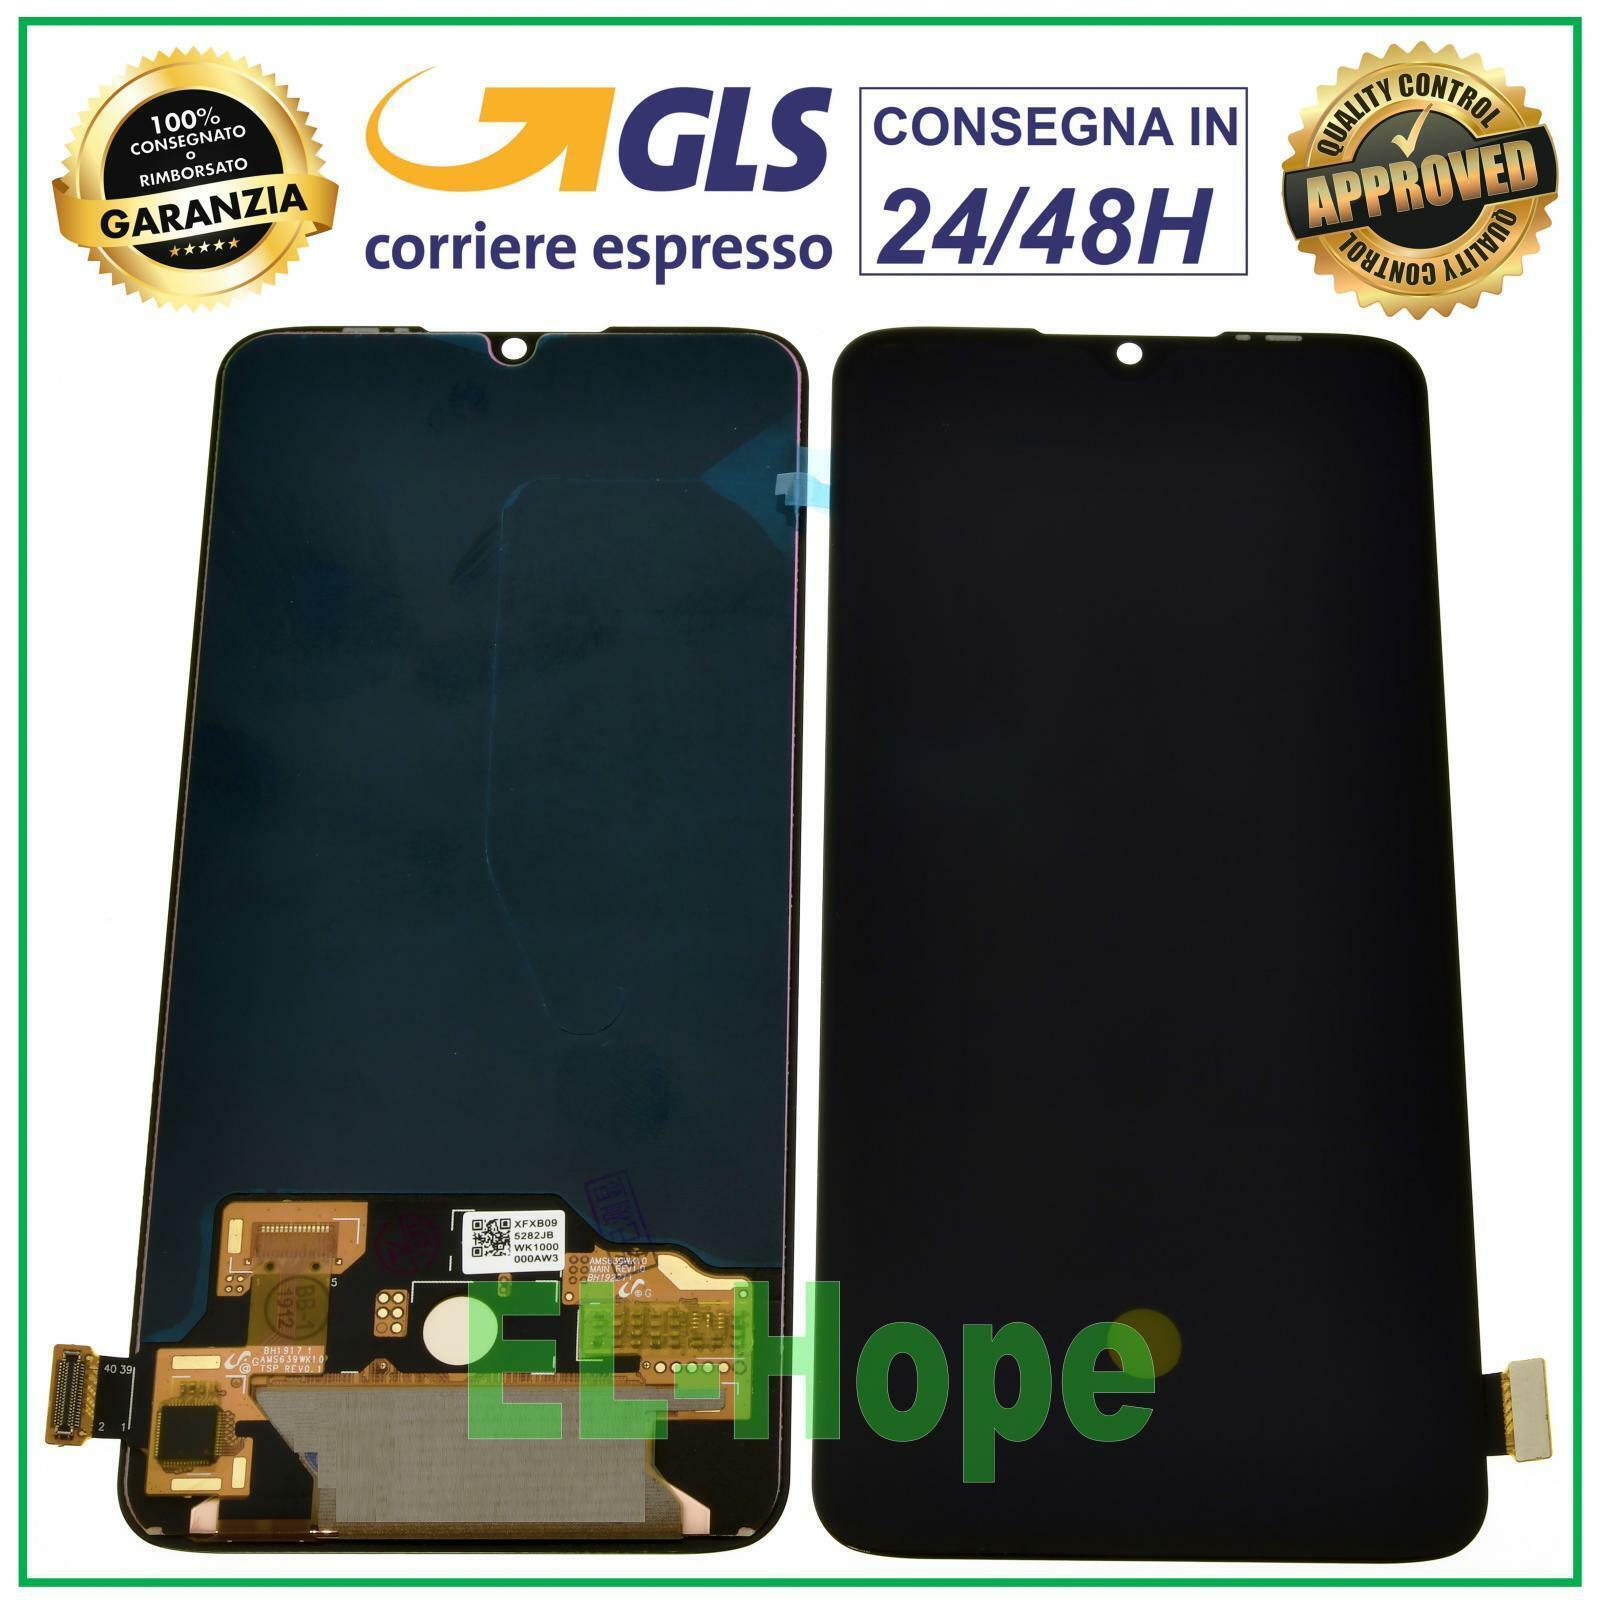 xiaomi: DISPLAY LCD OLED PER XIAOMI MI 9 LITE M1904F3BG TOUCH SCREEN SCHERMO VETRO NERO